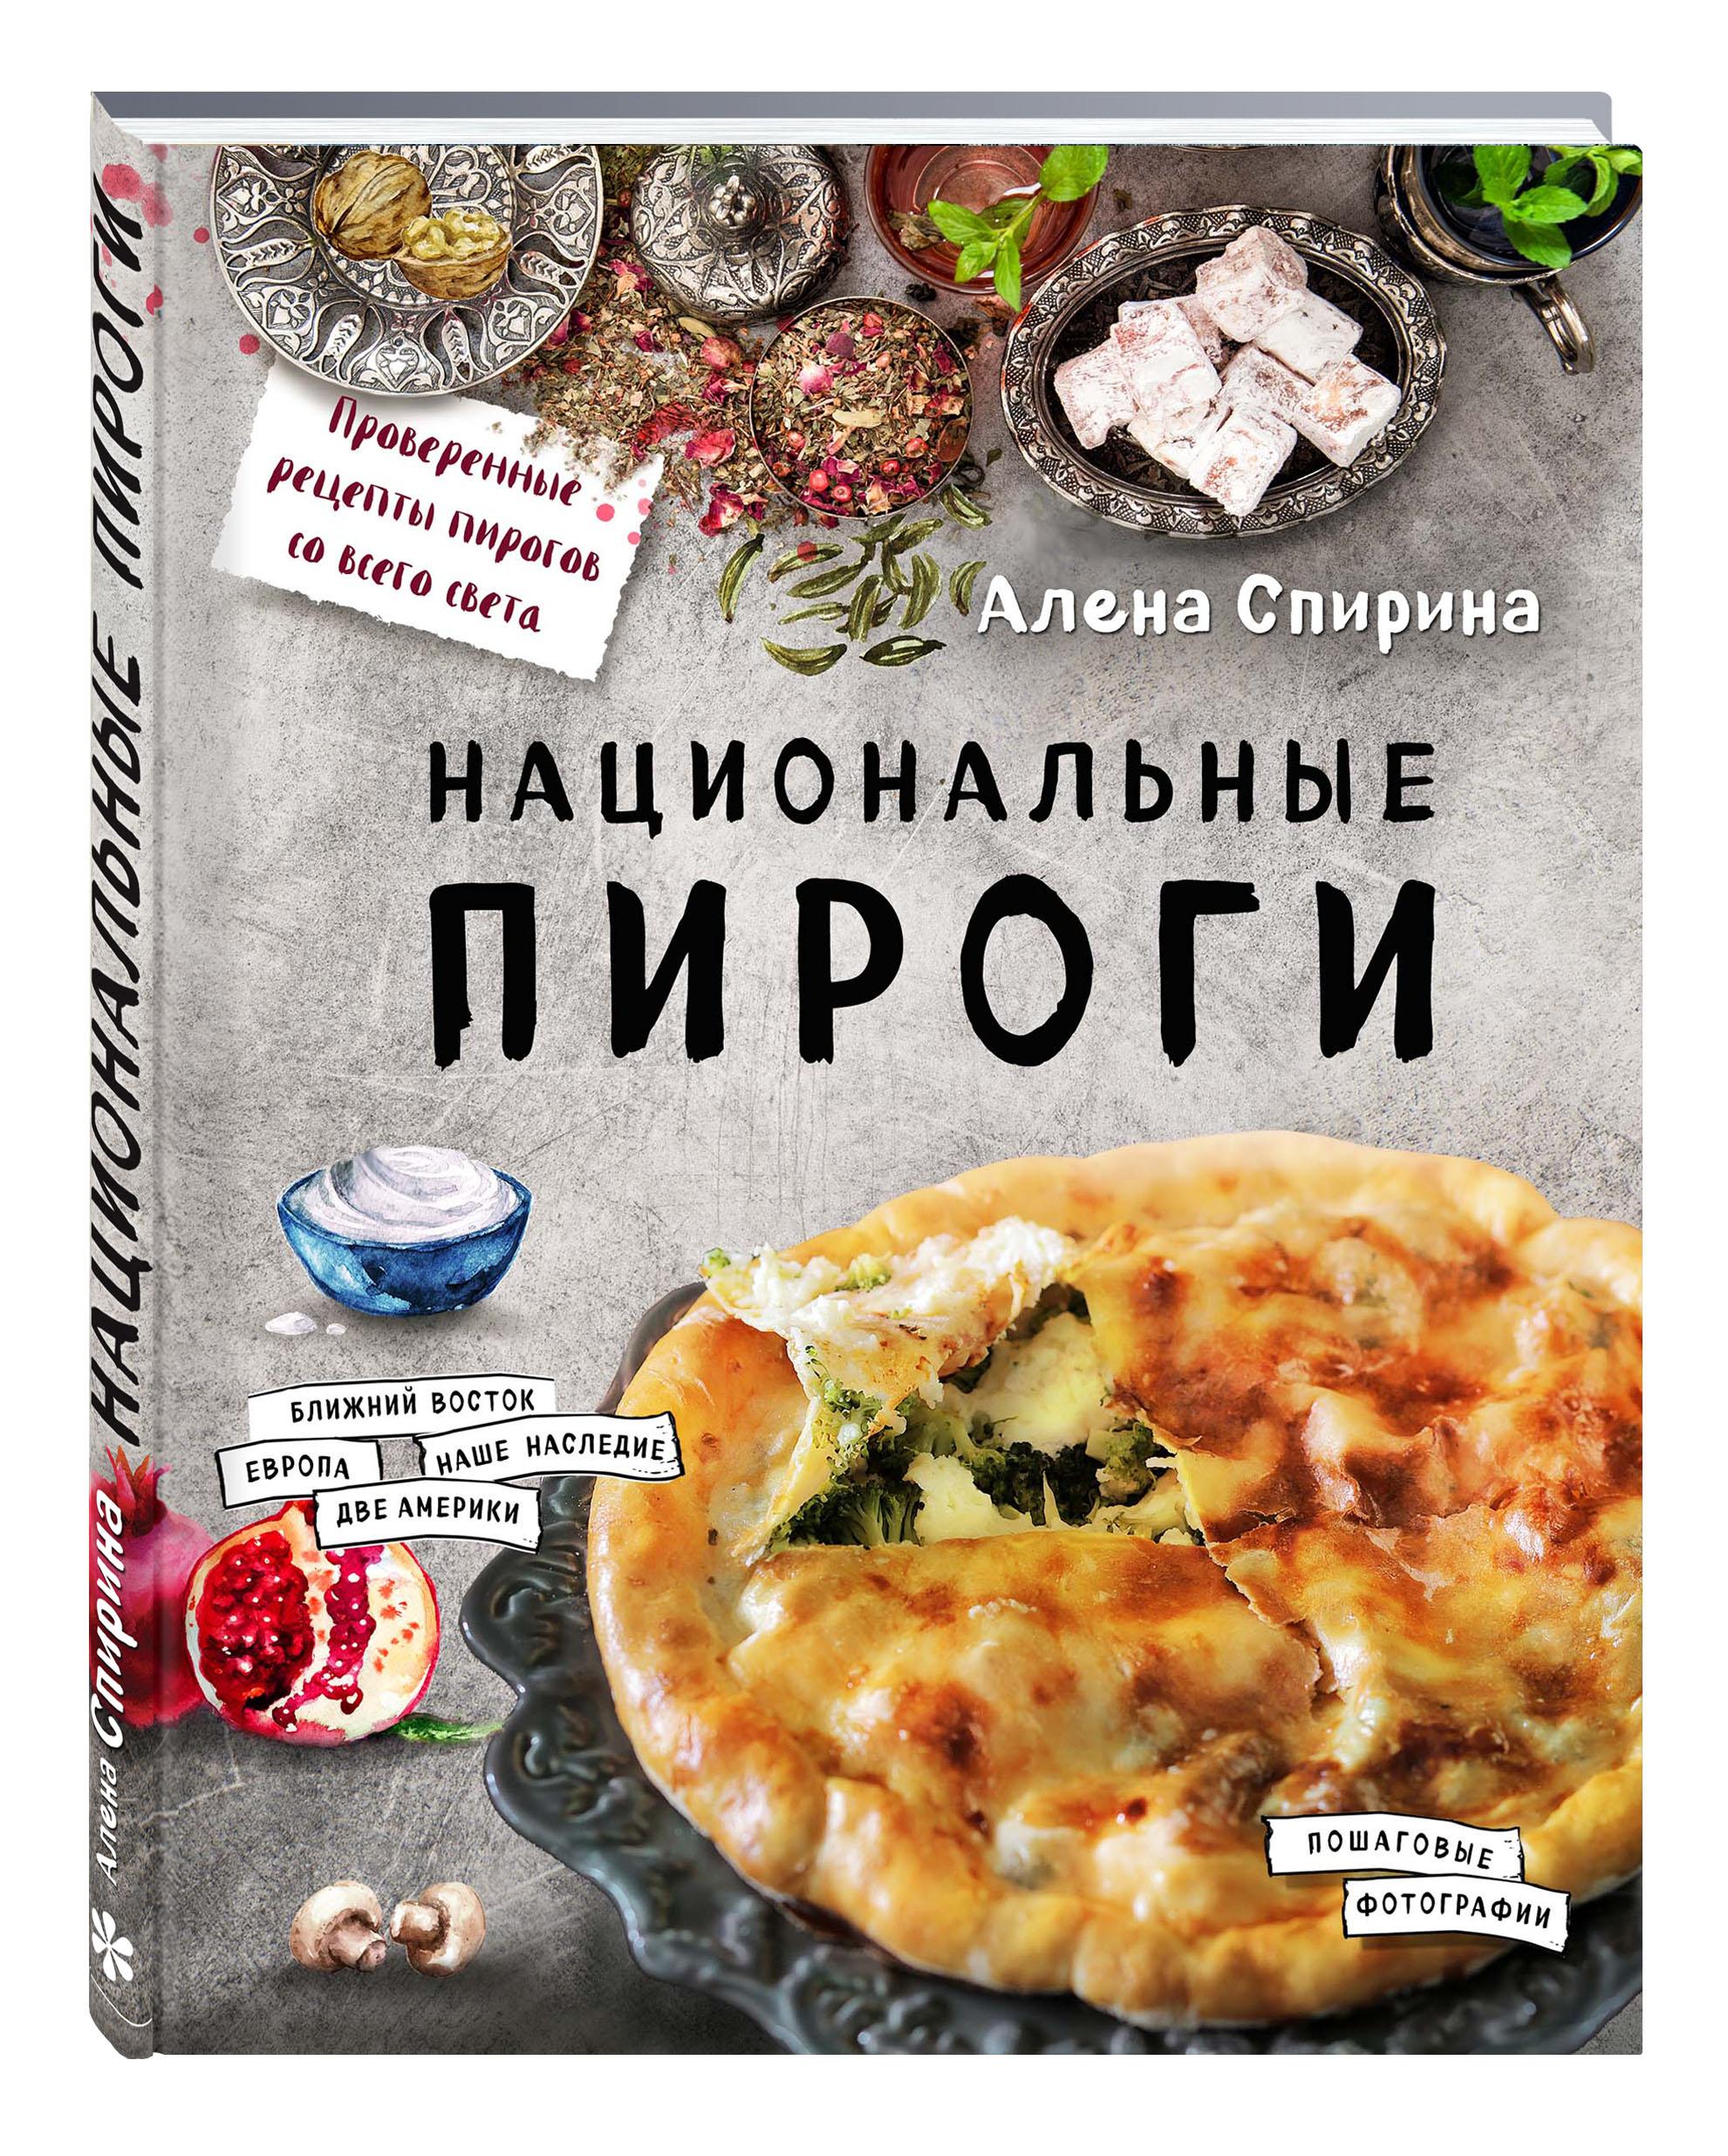 Алена Спирина Национальные пироги спирина а 60 пирогов